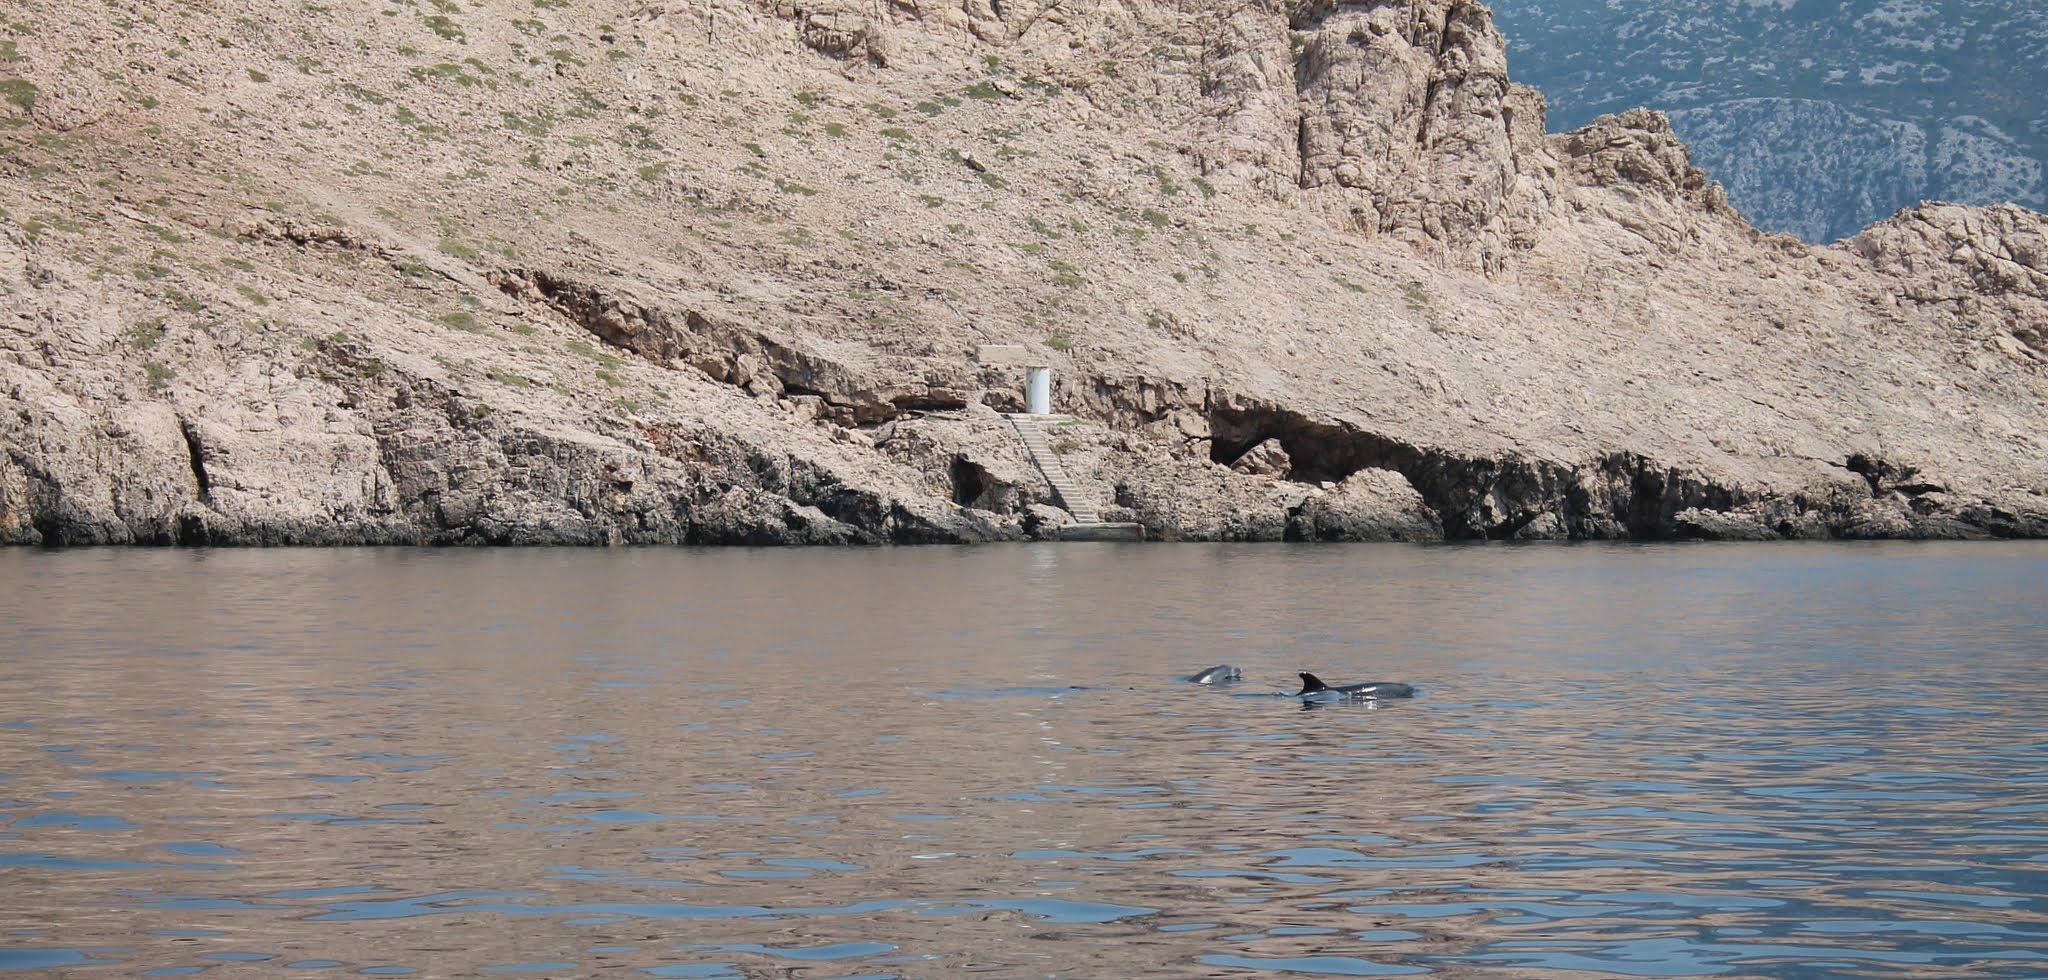 delfin by jasminkoherceg